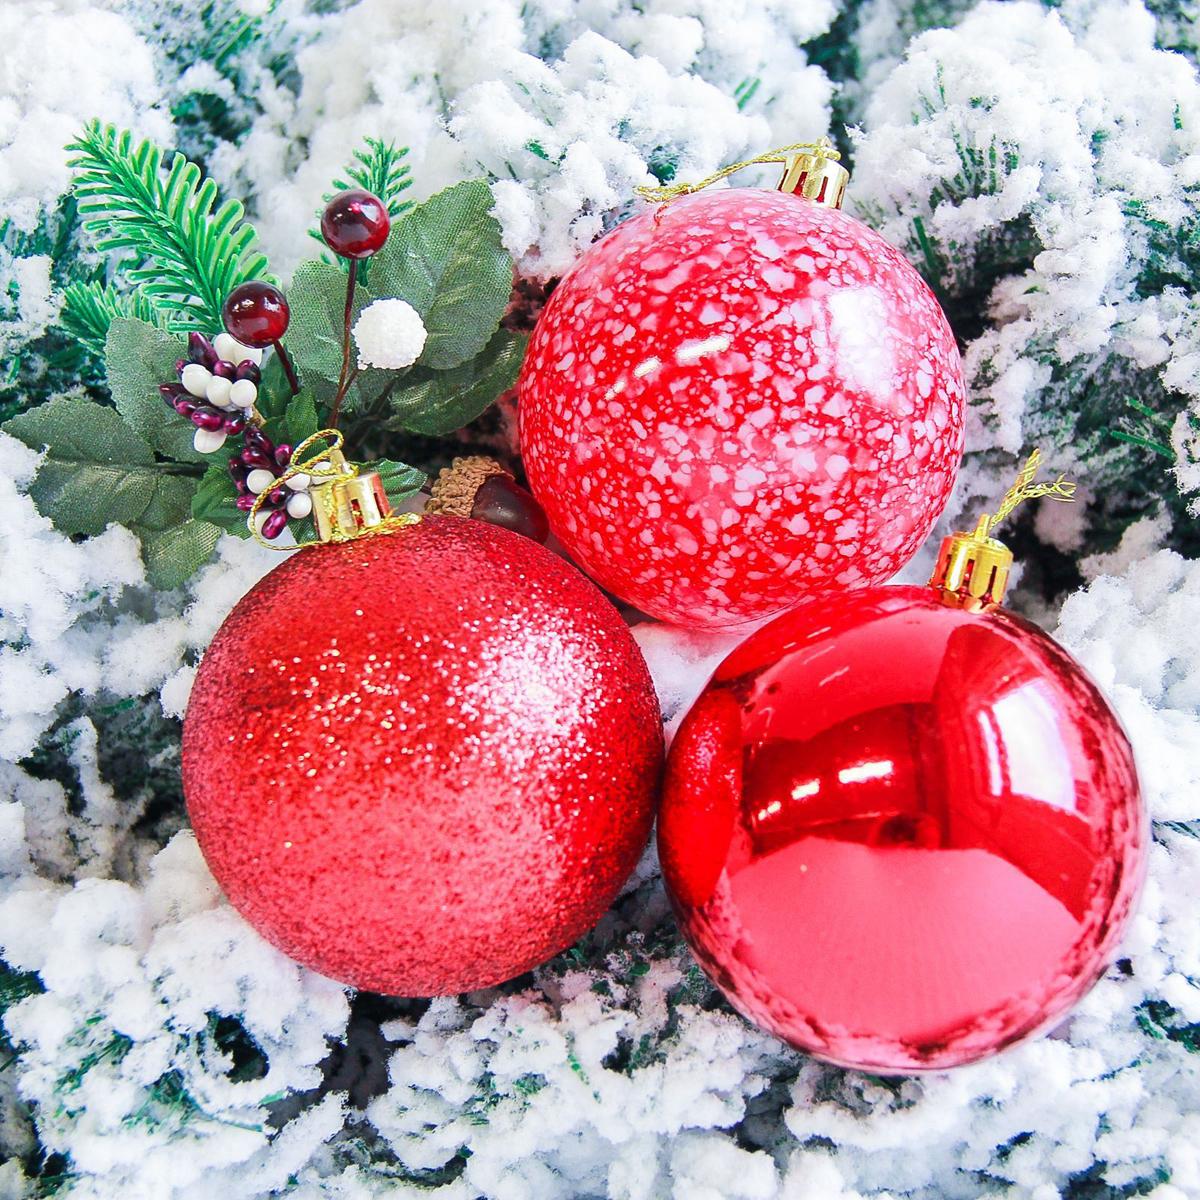 Набор новогодних подвесных украшений Sima-land Фрэско, цвет: красный, диаметр 8 см, 12 шт2178246Набор новогодних подвесных украшений Sima-land отлично подойдет для декорации вашего дома и новогодней ели. С помощью специальной петельки украшение можно повесить в любом понравившемся вам месте. Но, конечно, удачнее всего оно будет смотреться на праздничной елке. Елочная игрушка - символ Нового года. Она несет в себе волшебство и красоту праздника. Создайте в своем доме атмосферу веселья и радости, украшая новогоднюю елку нарядными игрушками, которые будут из года в год накапливать теплоту воспоминаний.